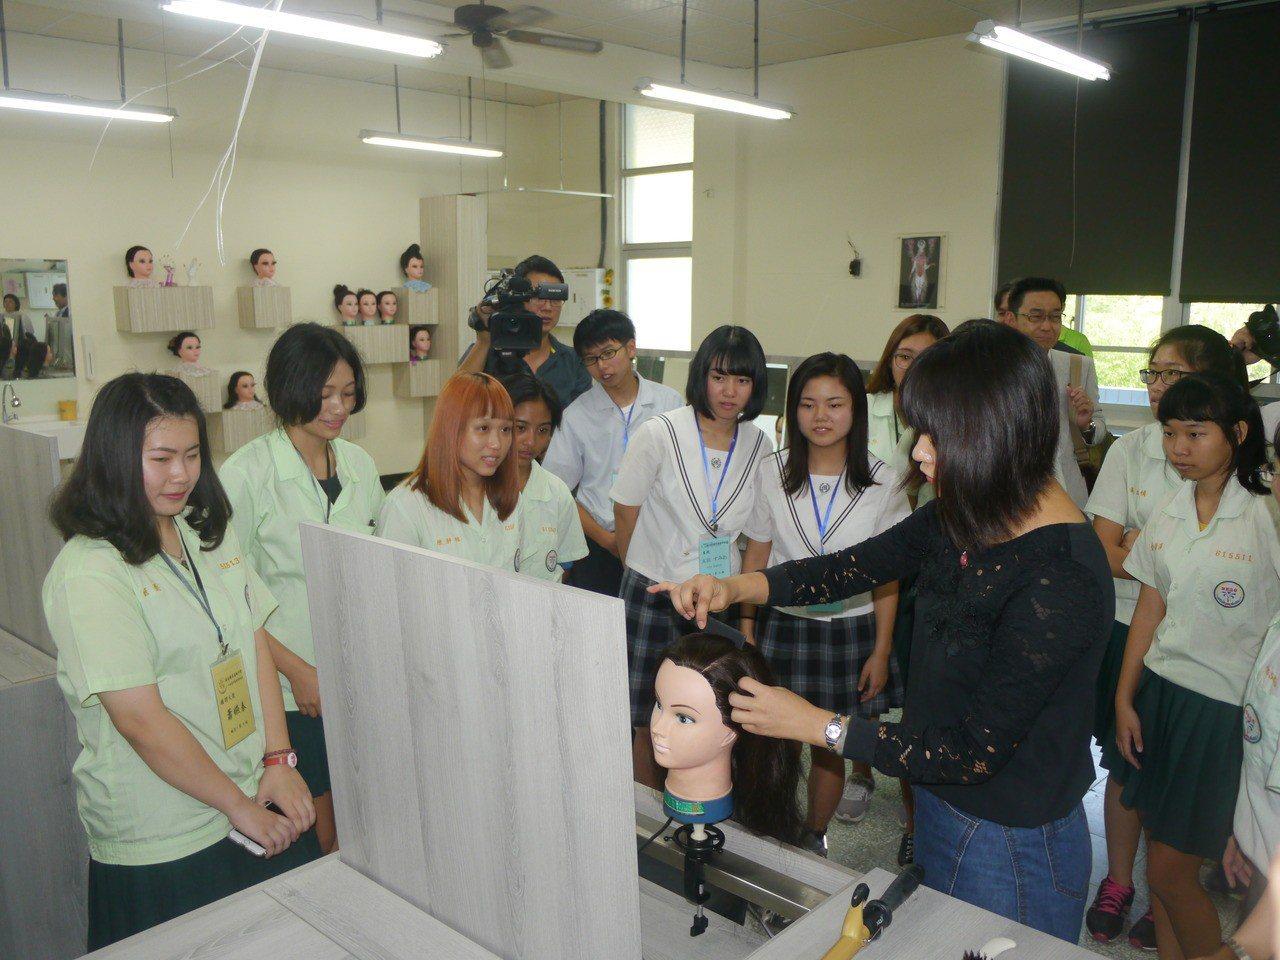 旗美高中家政科老師教導學生「豎琴編髮」技巧。記者徐白櫻/攝影